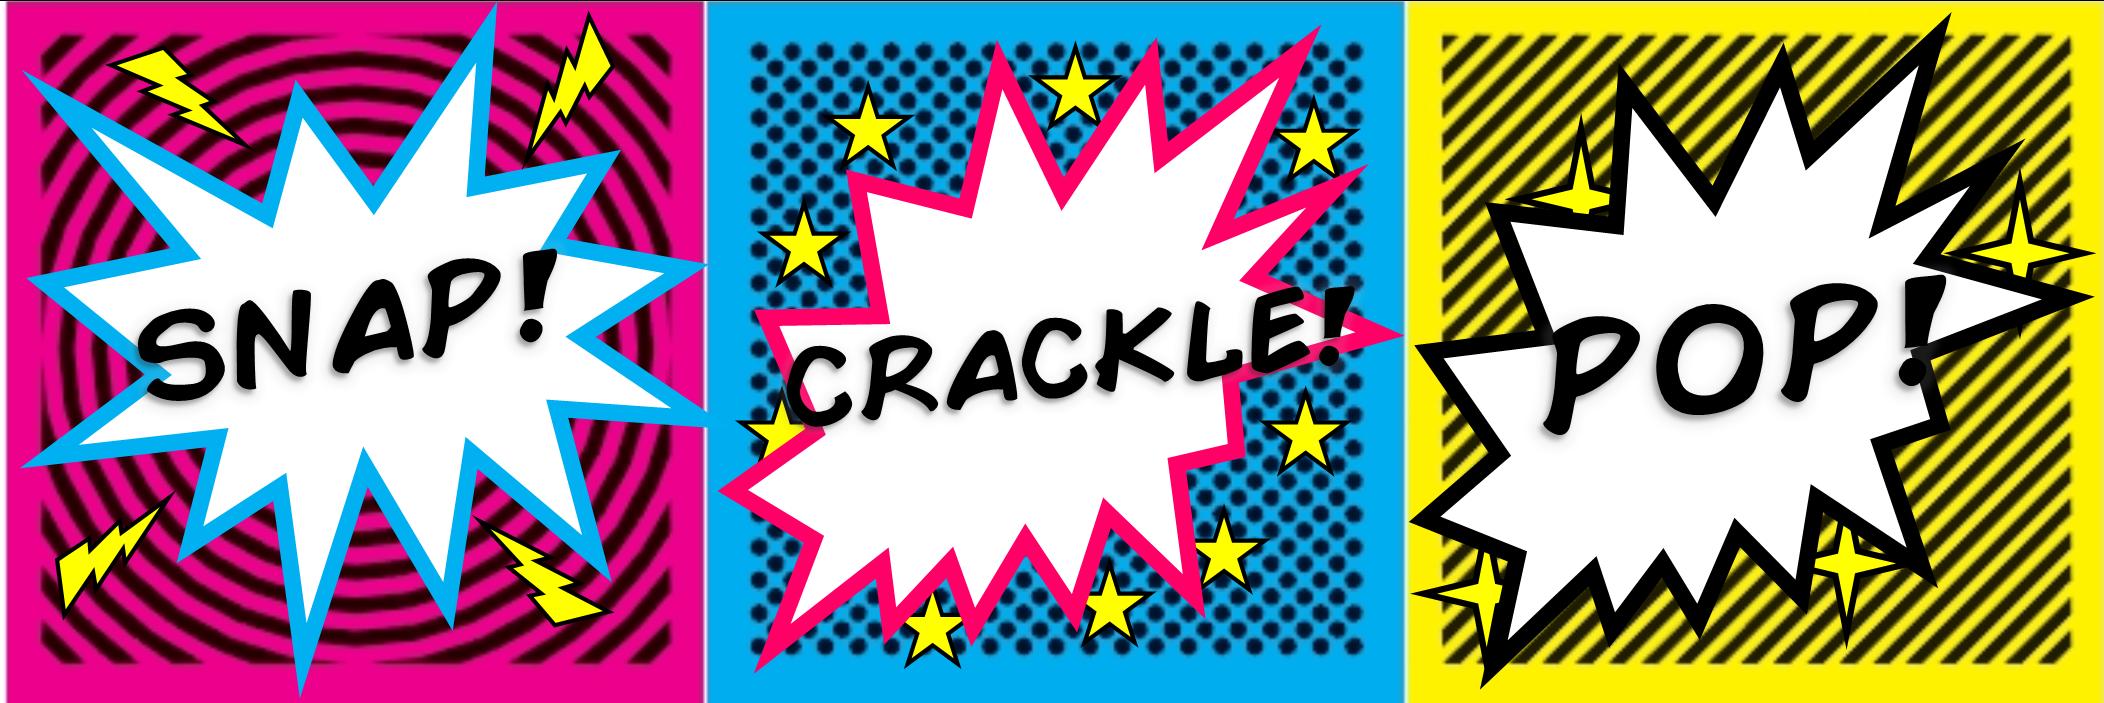 Snap, Crackle, Pop - STUMINGAMES